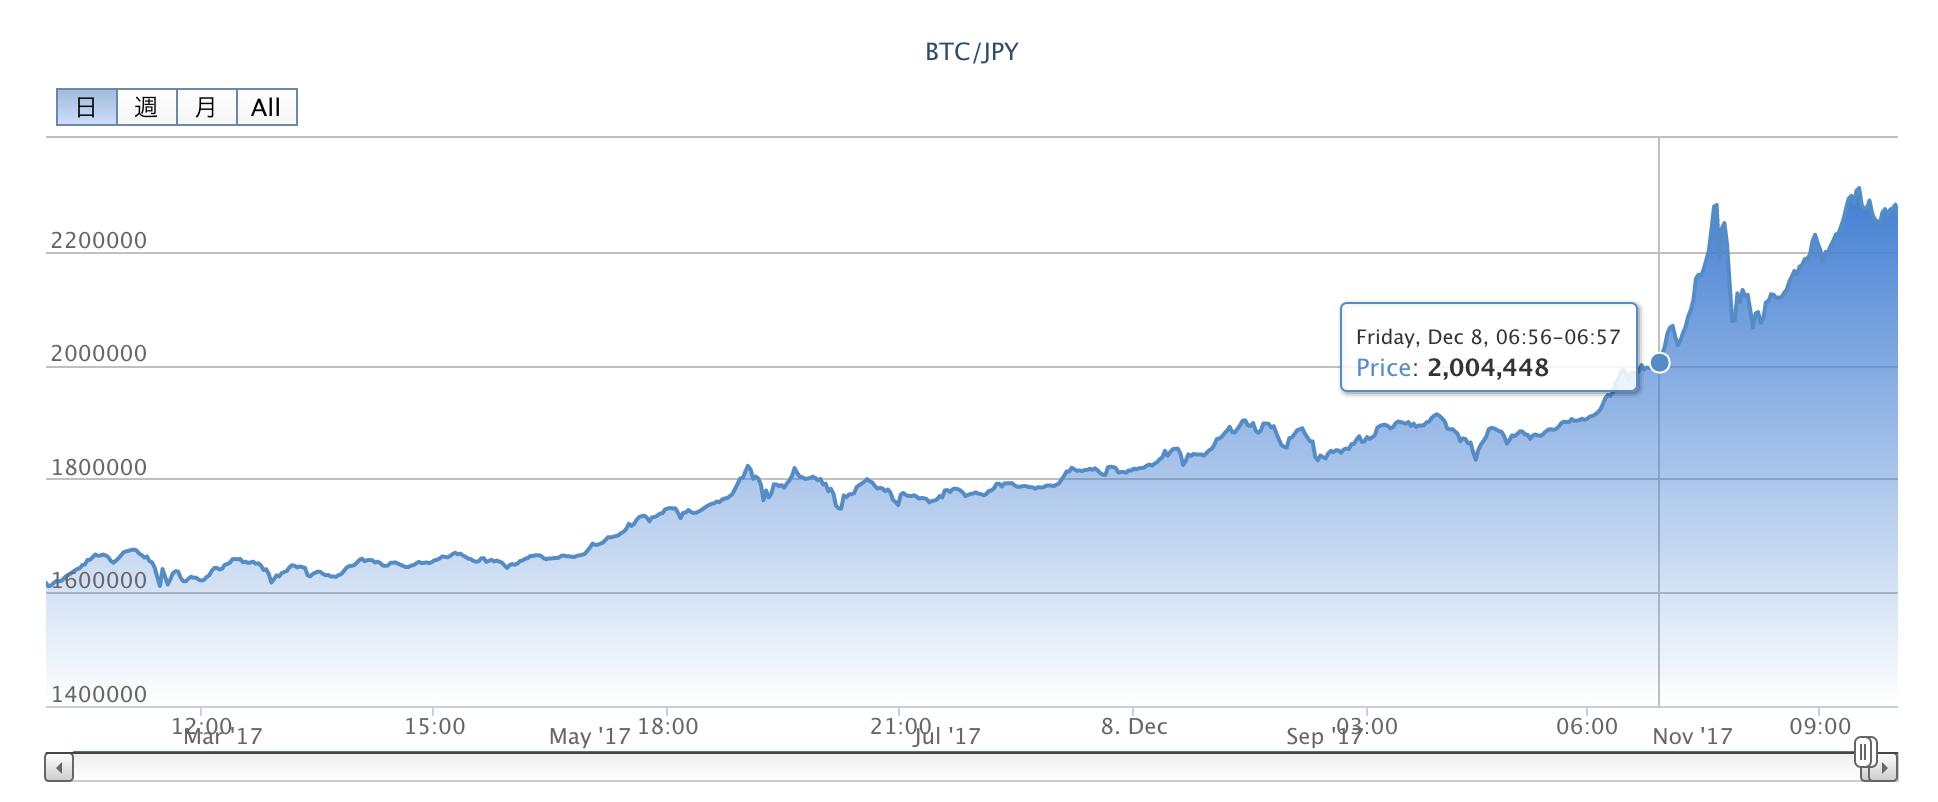 1BTC = 200万円を超えた bitFlyer のビットコインチャートの画像